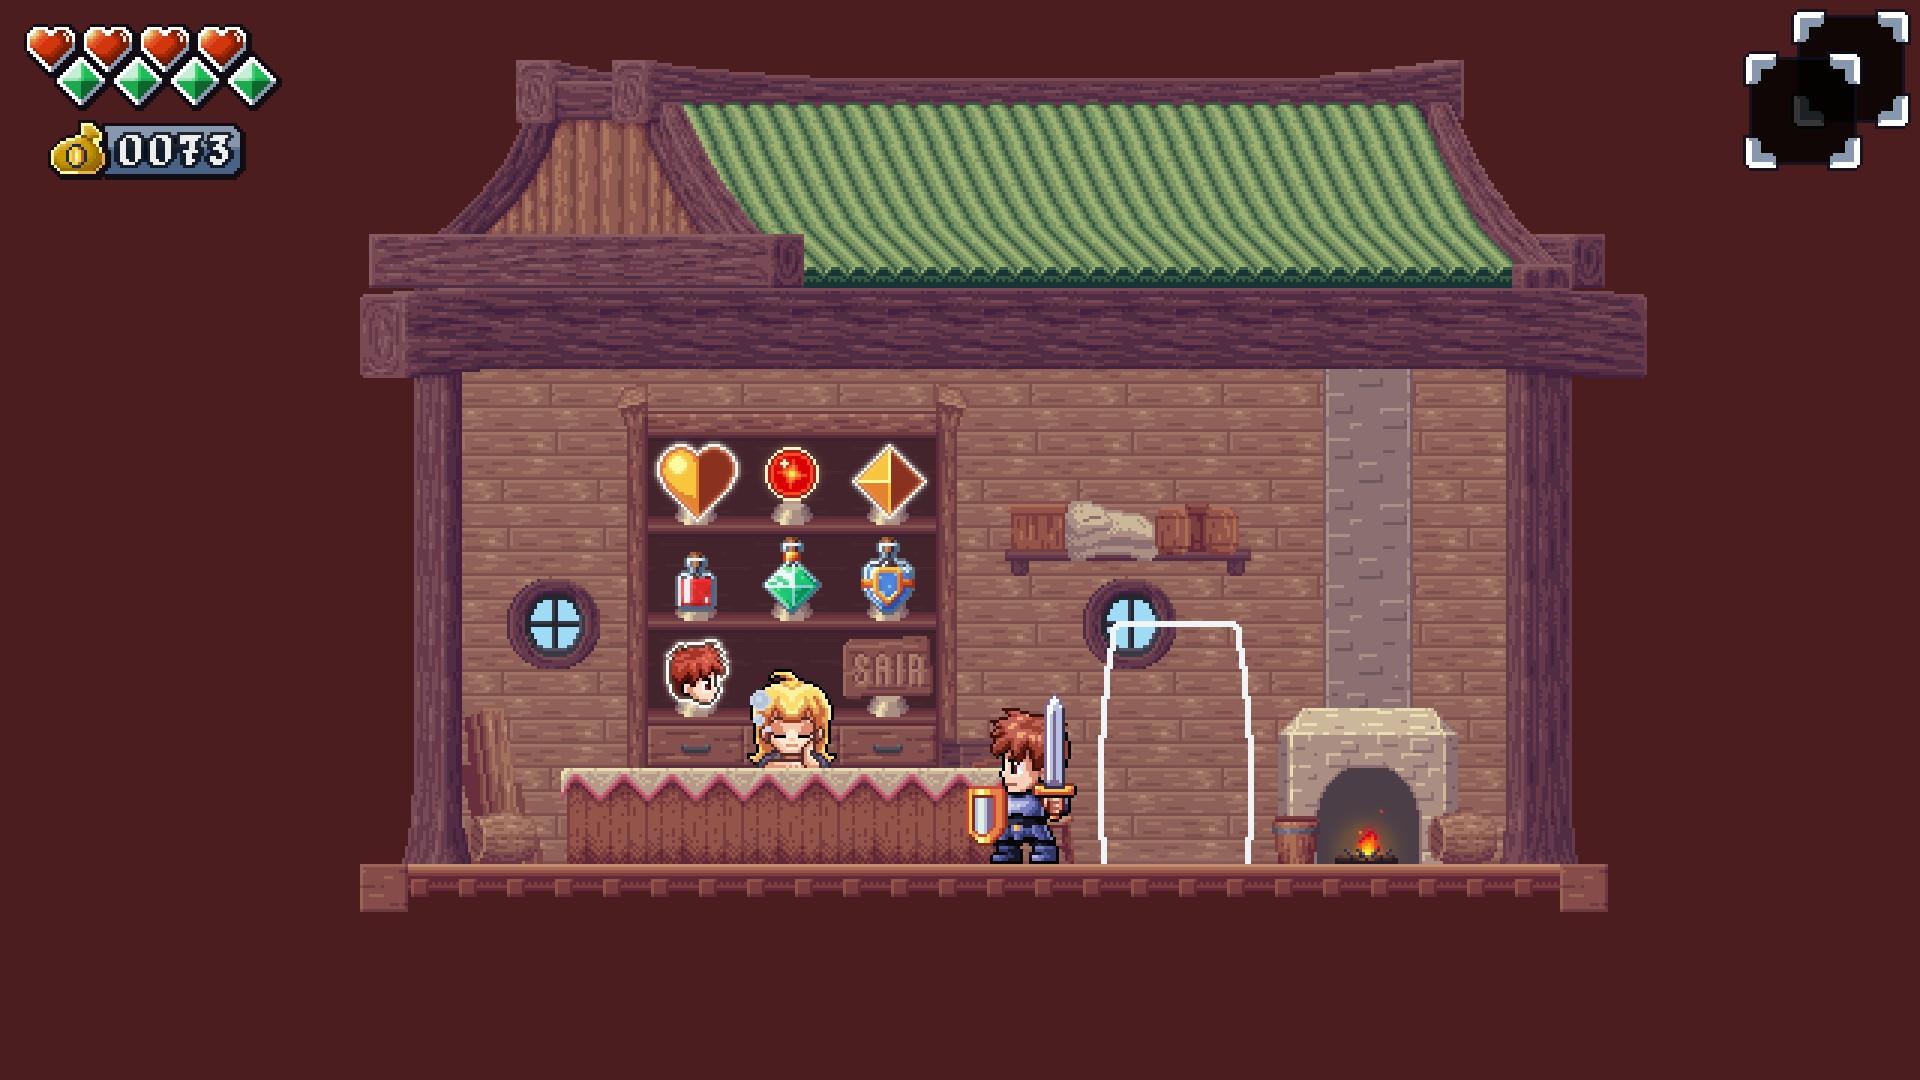 O Herói também pode comprar itens e habilidades na loja